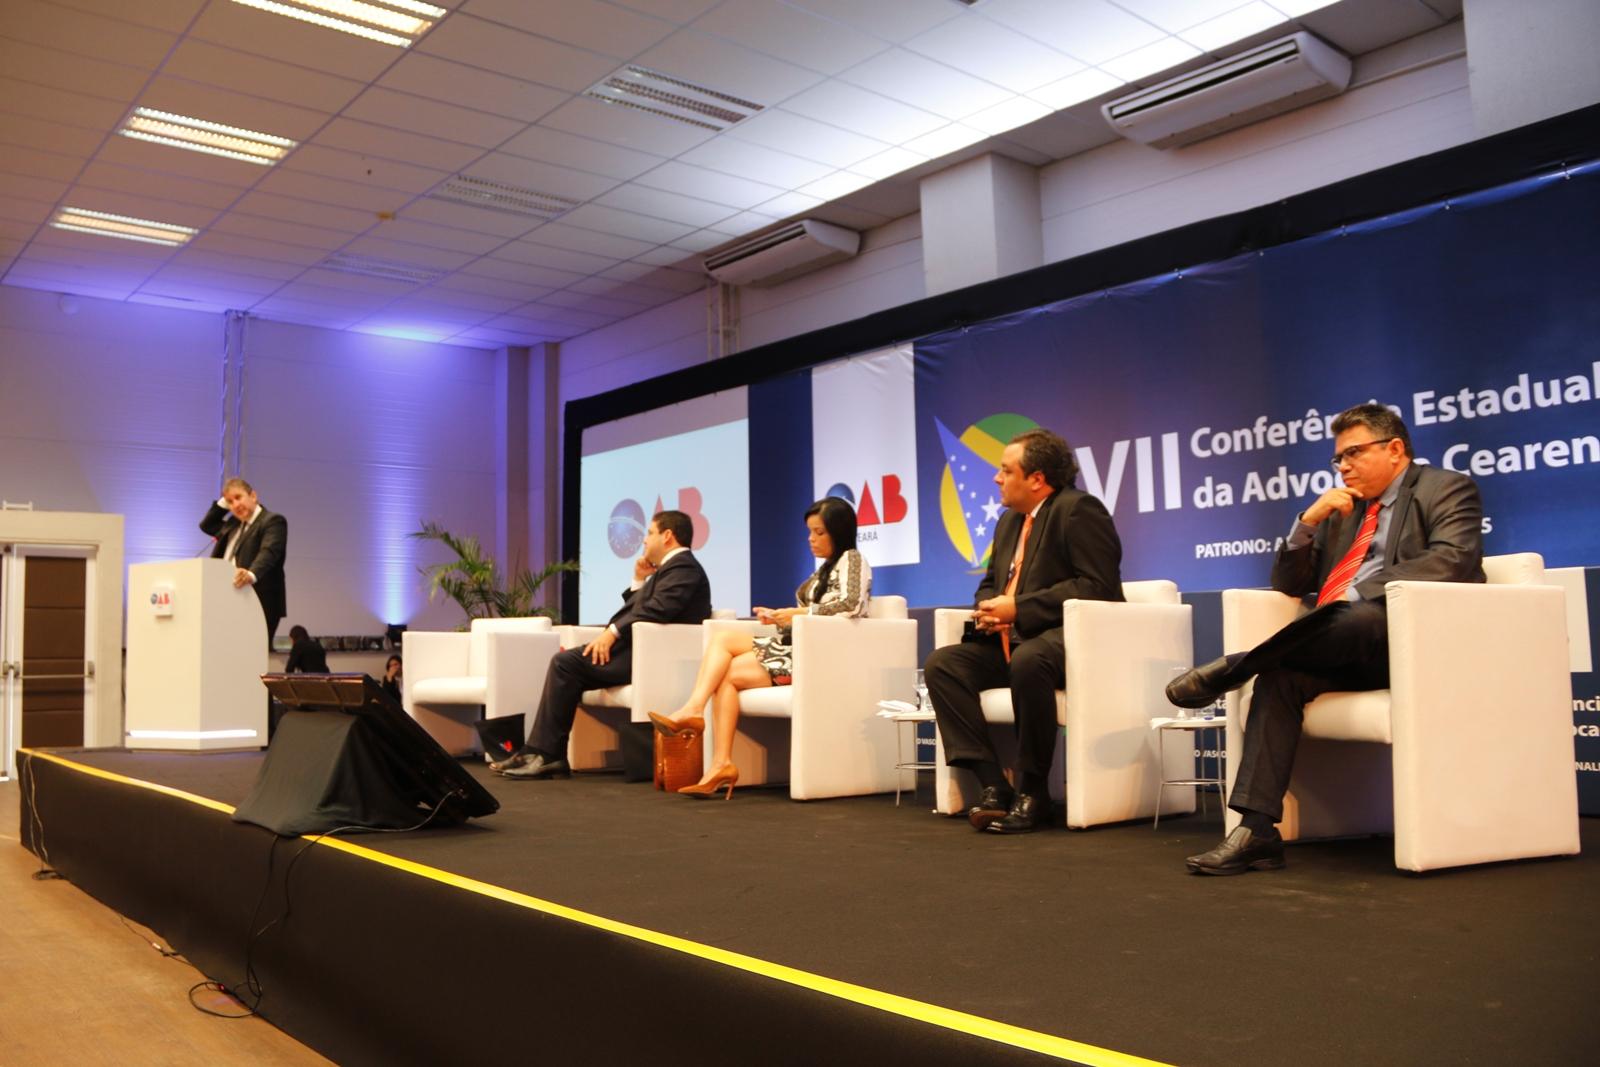 VII Conferência (20)